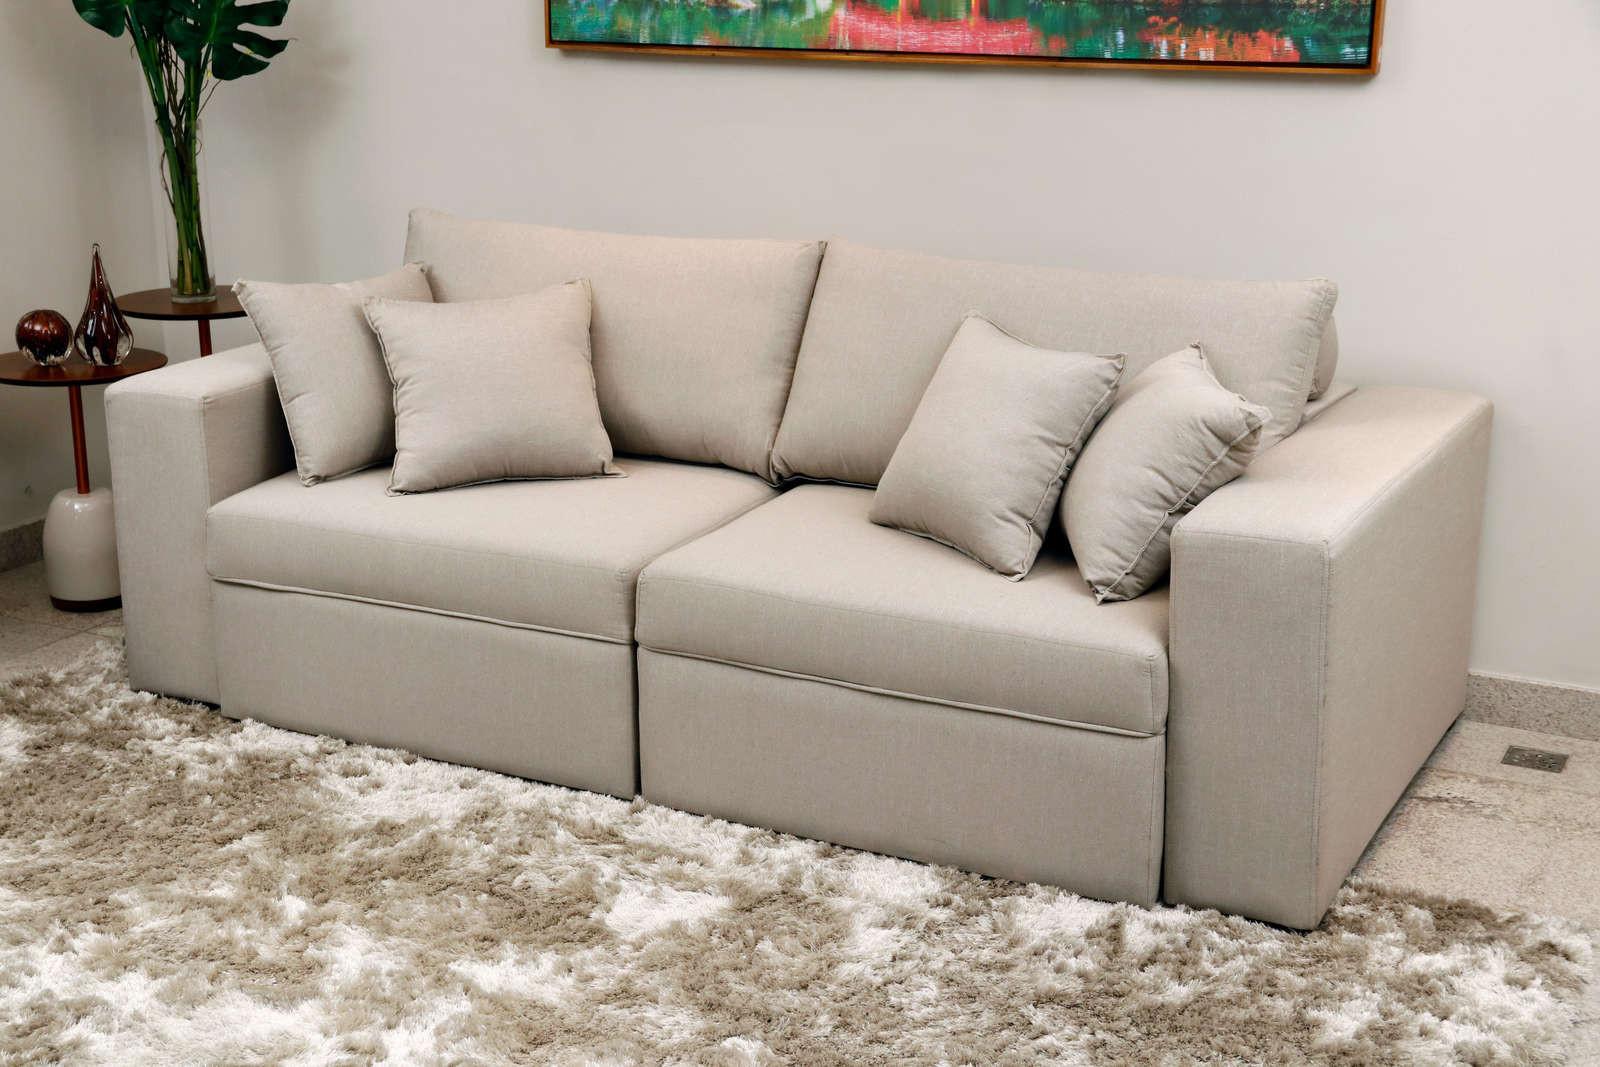 Sofá retrátil e reclinável Domus Vip